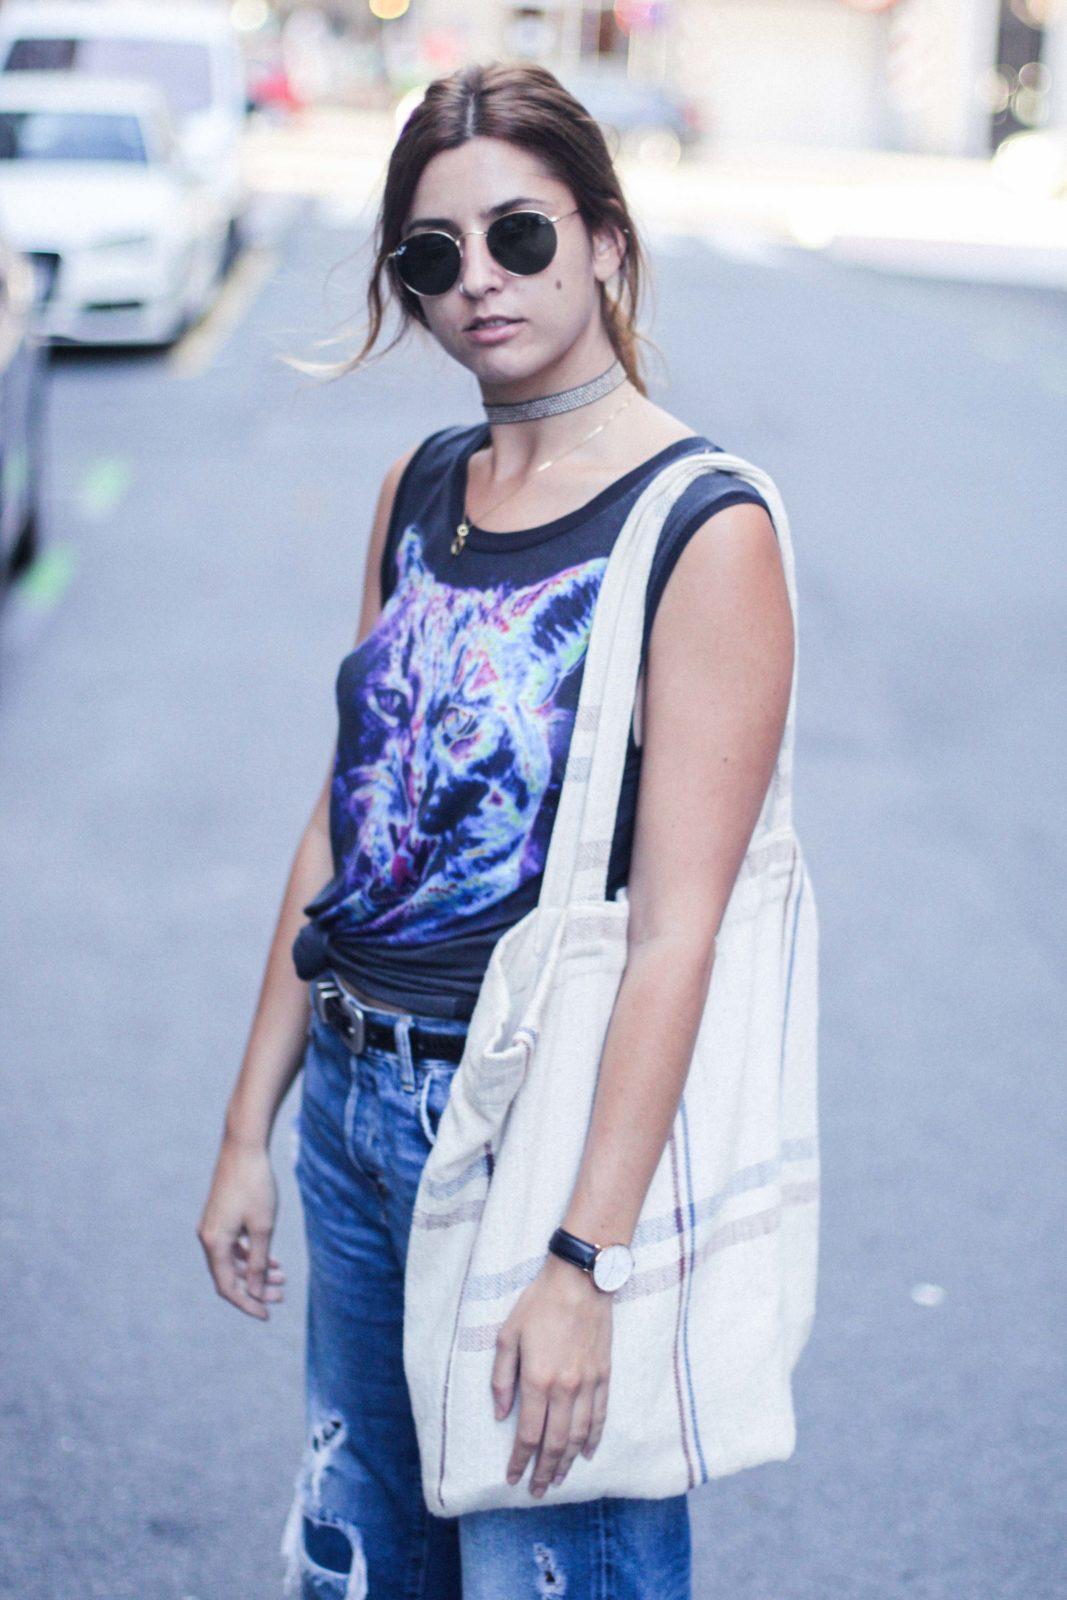 jeans_vaqueros_camiseta_estampada_sandalias_pelo-19